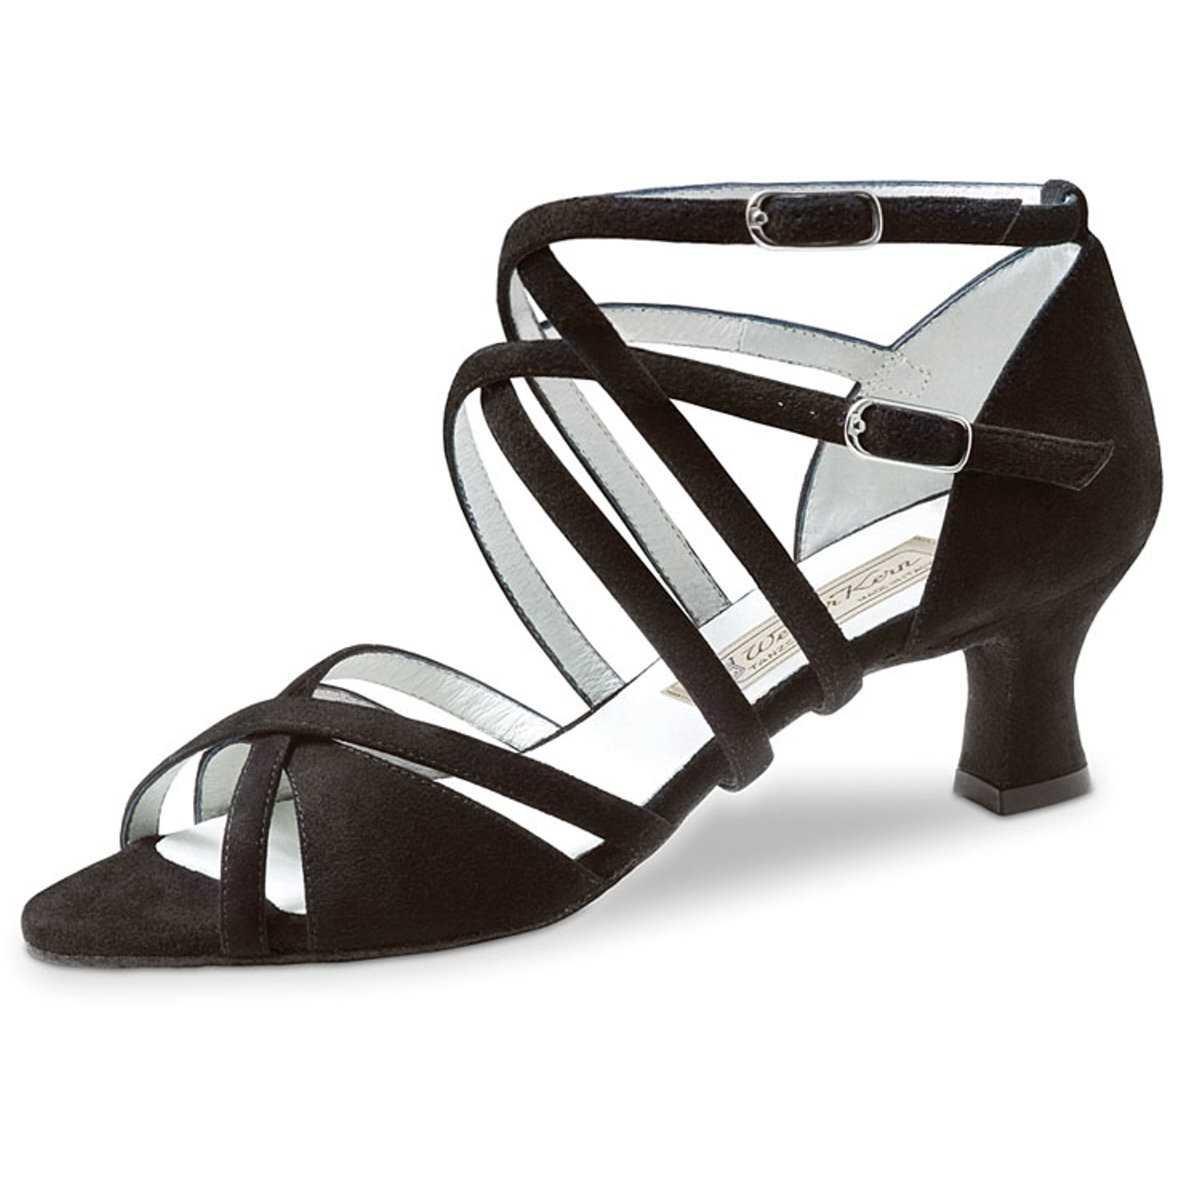 Werner Kern Femmes Chaussures de Danse Eva - Suéde Noir - 5,5 cm